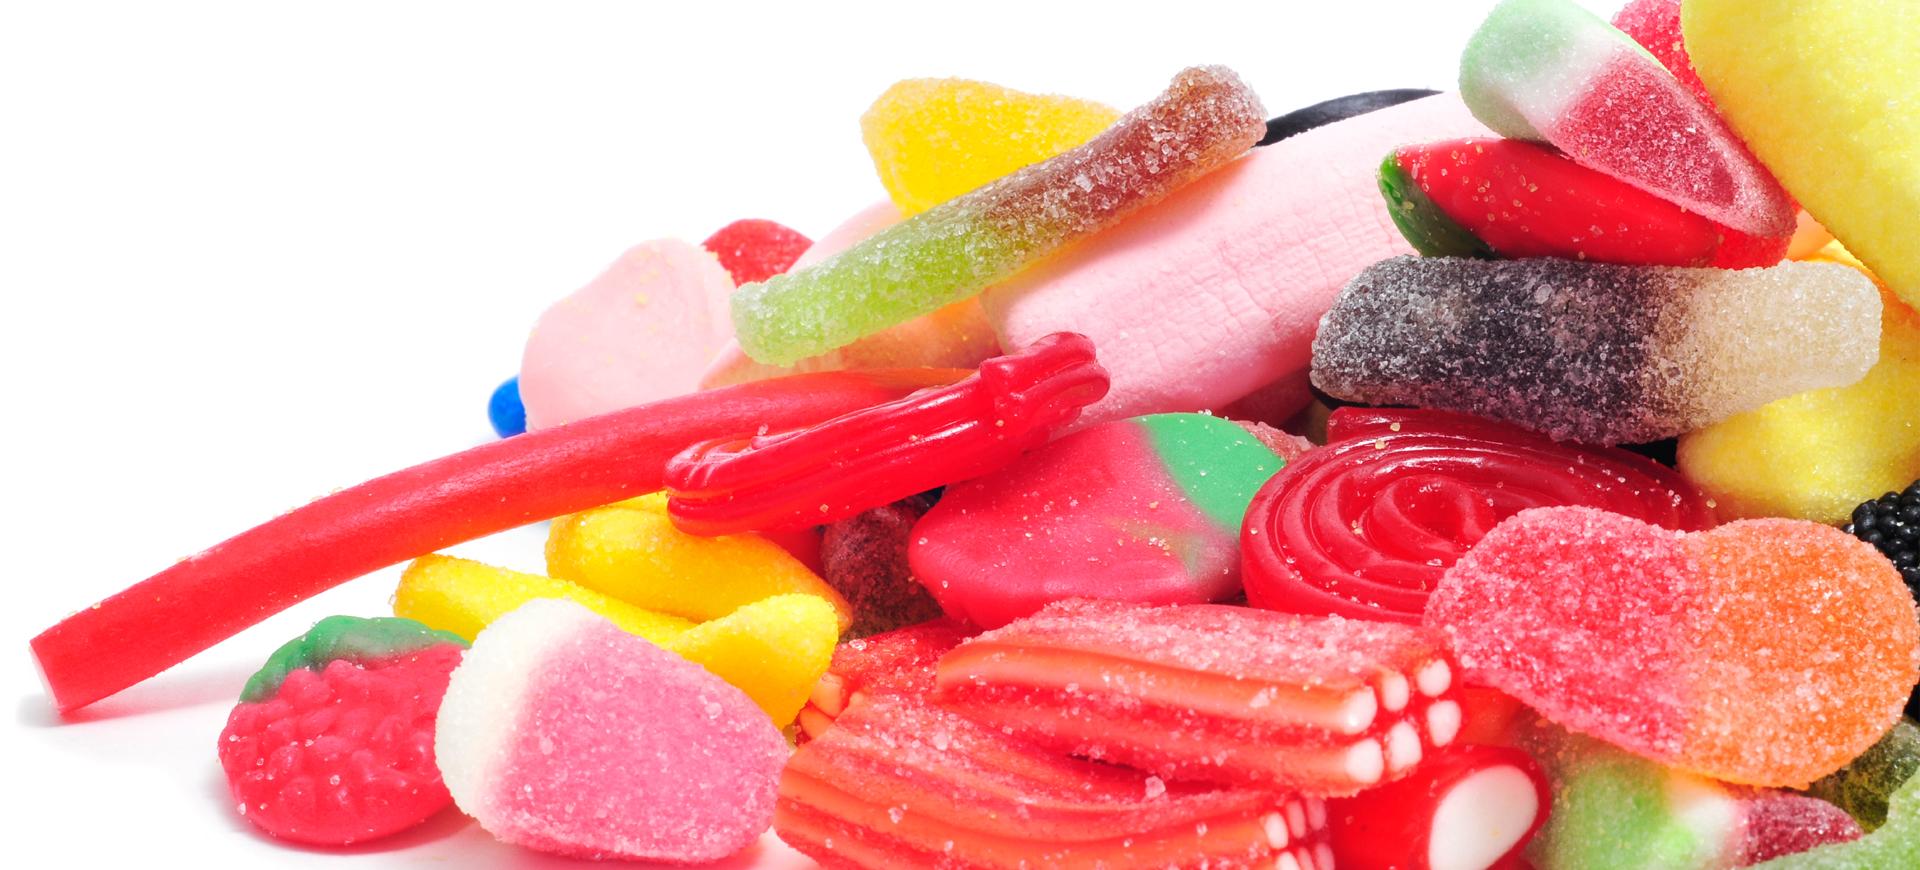 Sluta äta socker biverkningar